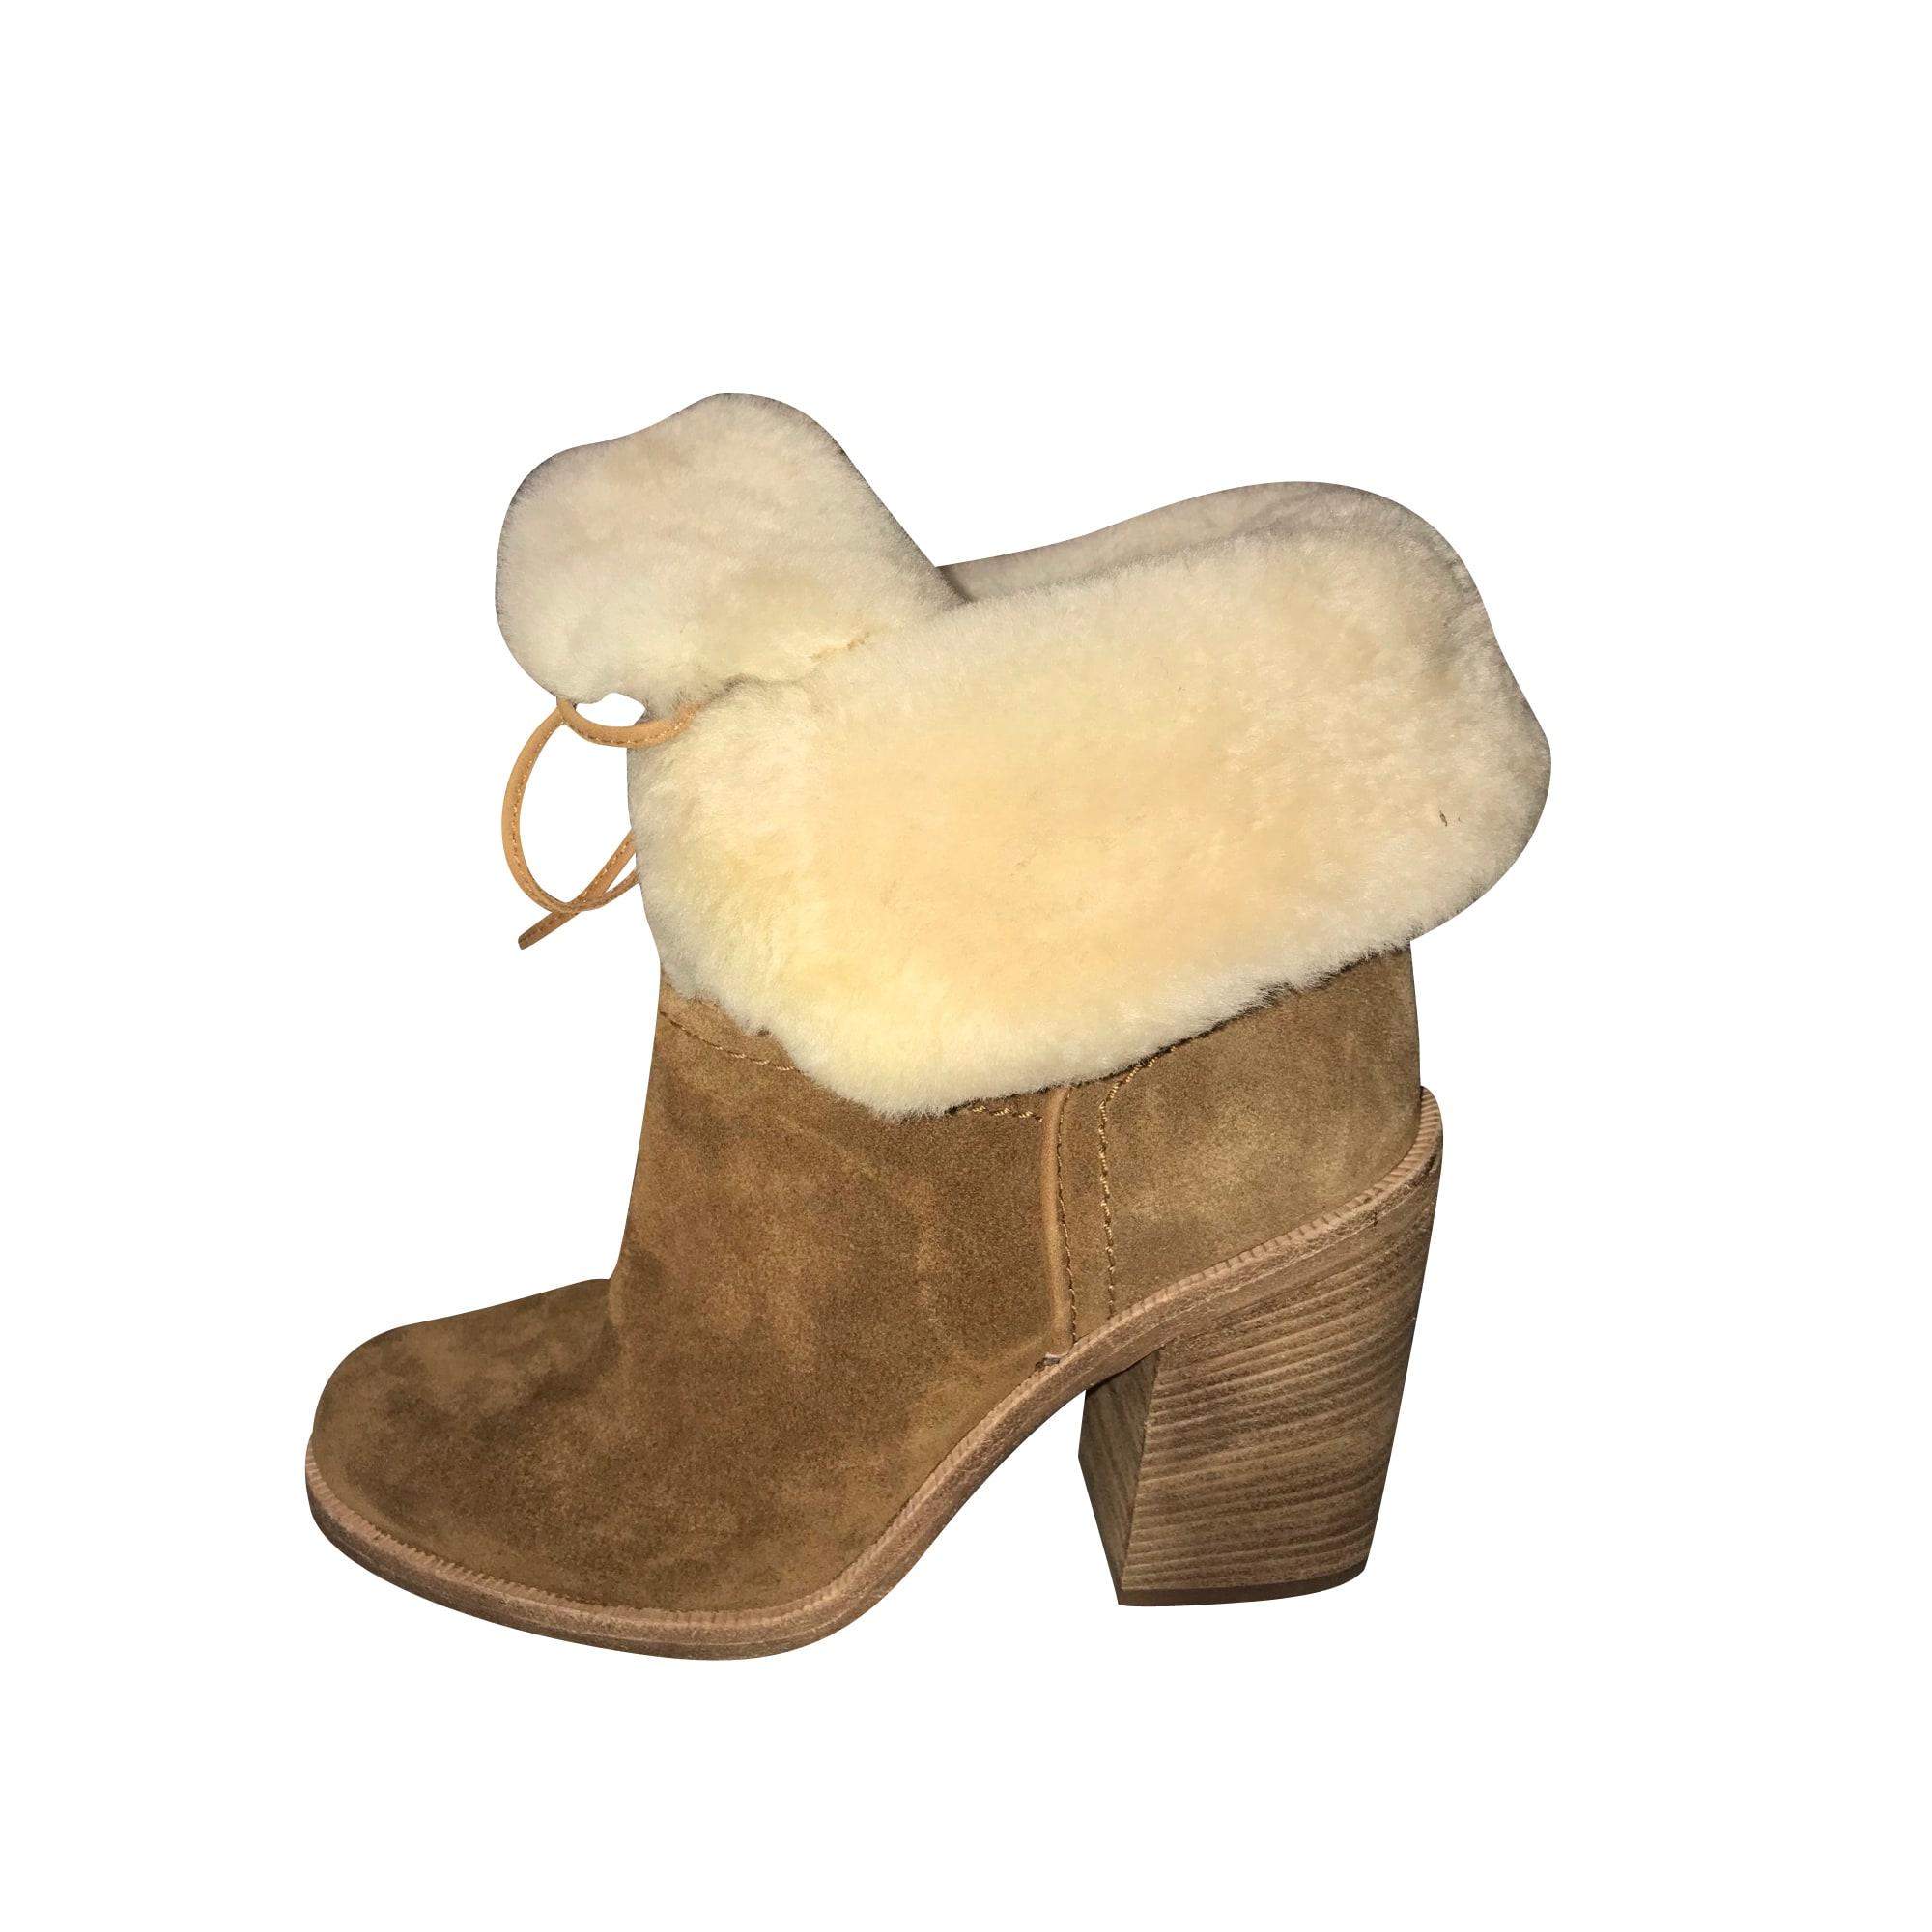 Stivali con tacchi UGG Beige, cammello